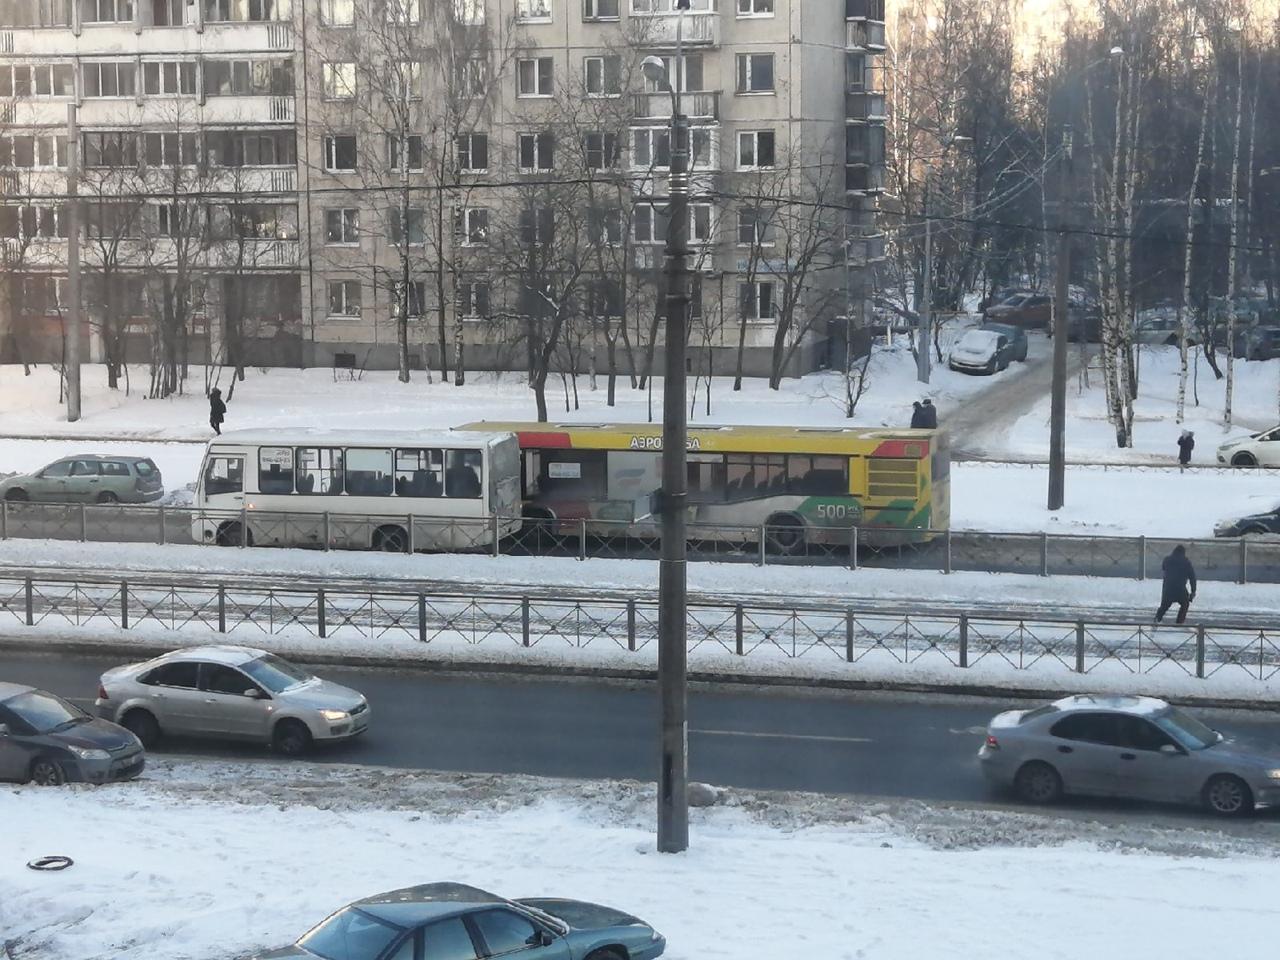 Напротив дома 106к1 по проспекту Просвещения общественный транспорт занял всю проезжую часть.